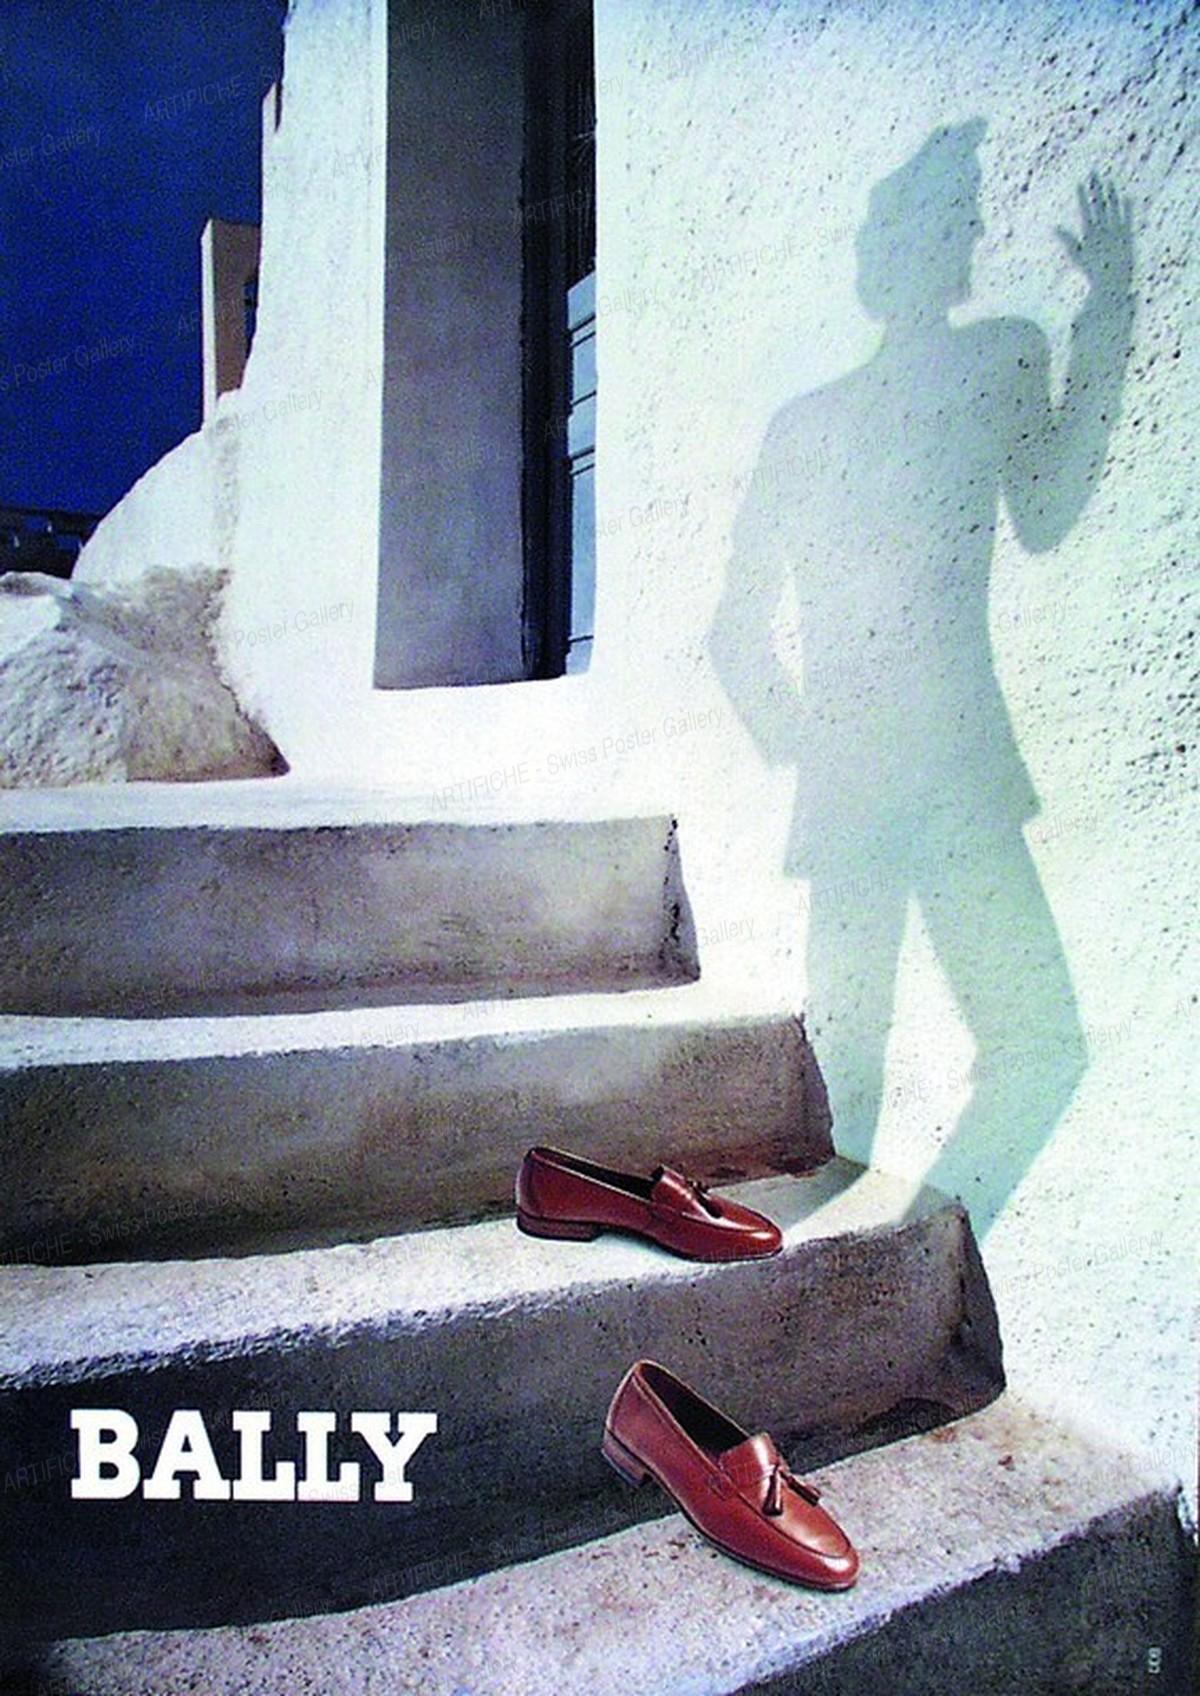 BALLY, Photo: Jost Wildbolz DDB Doyle Dane Bernbach (Ad Agency)